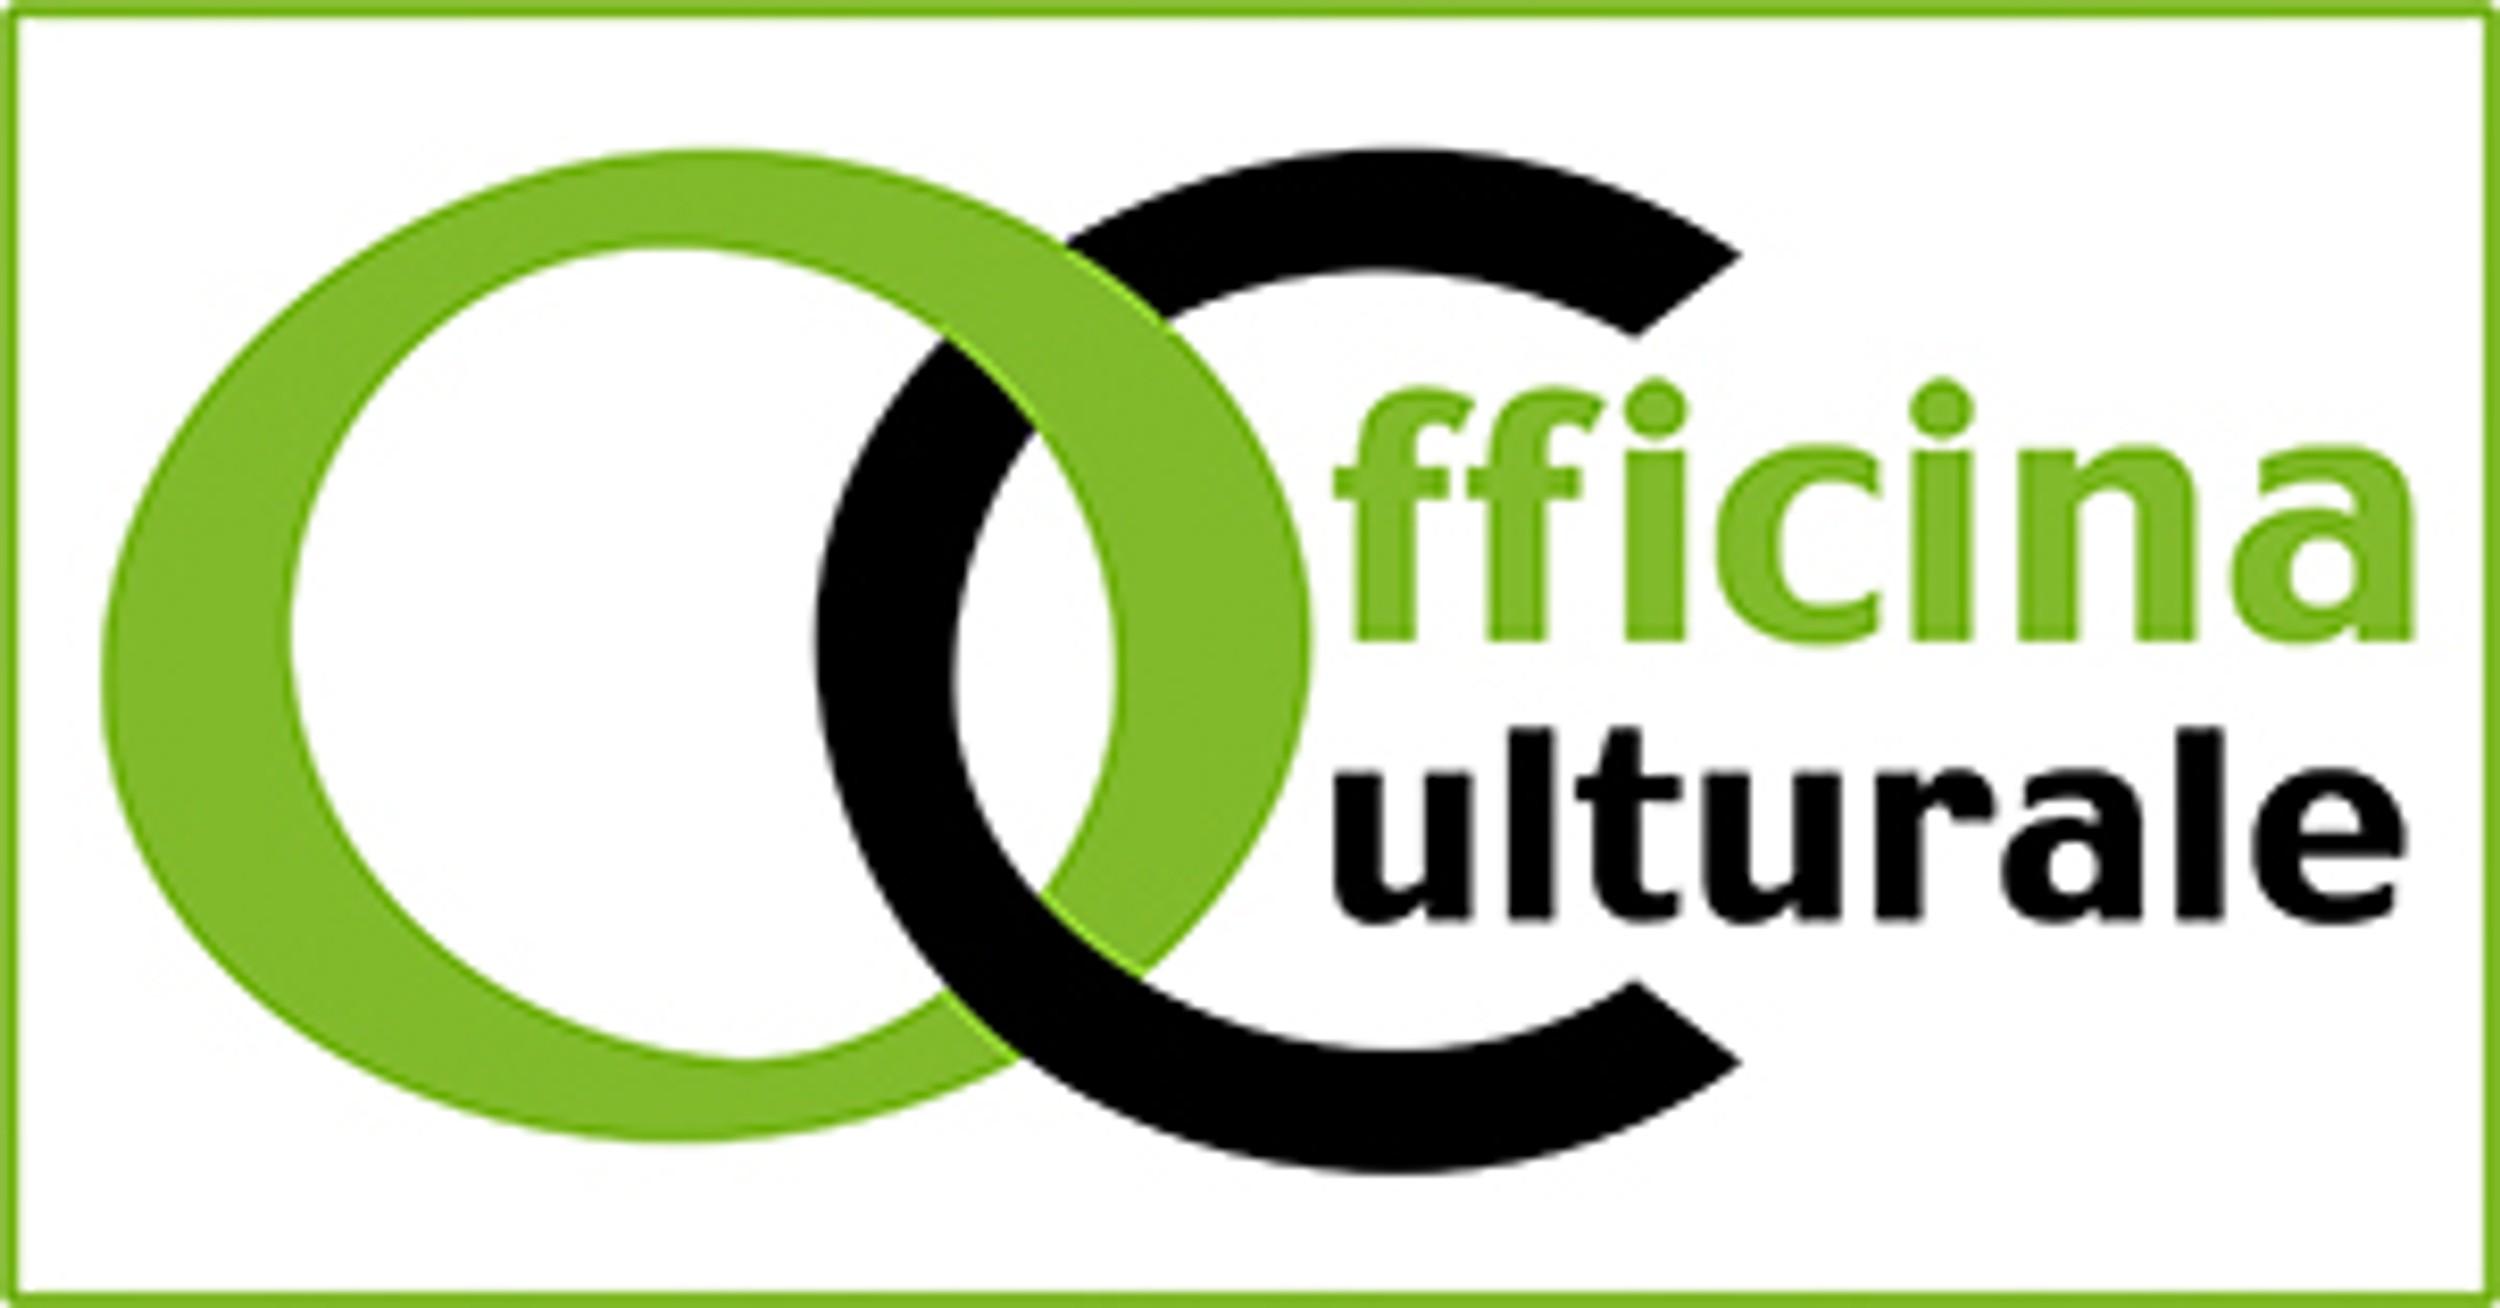 officina culturale